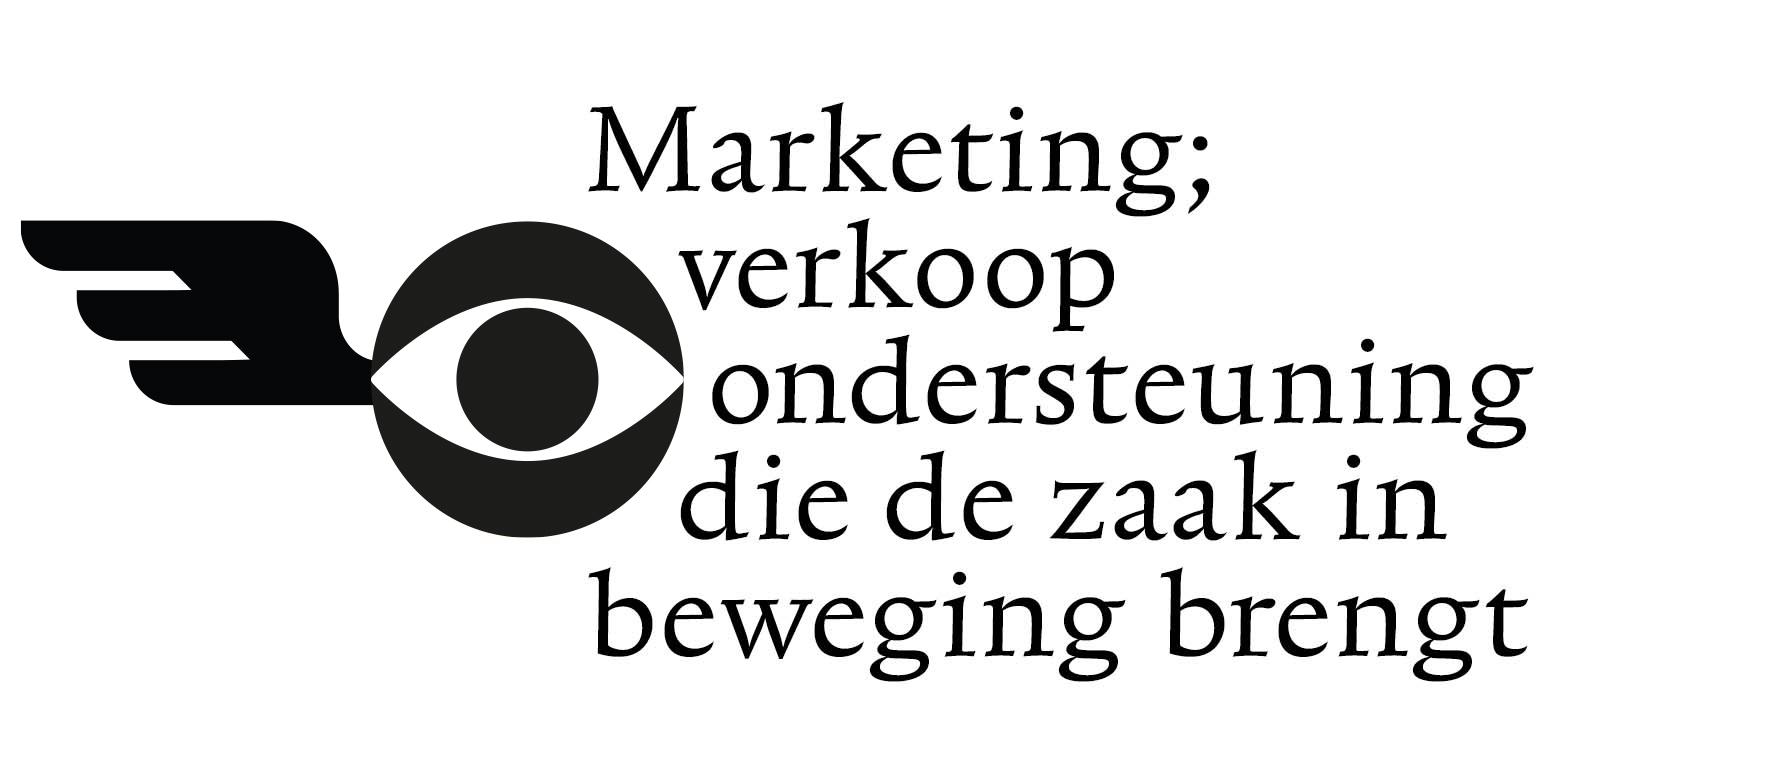 Creatief marketing advies brengt de zaak in beweging. Wij zijn specialisten in b2b marketing- positionering – markt bewerking.